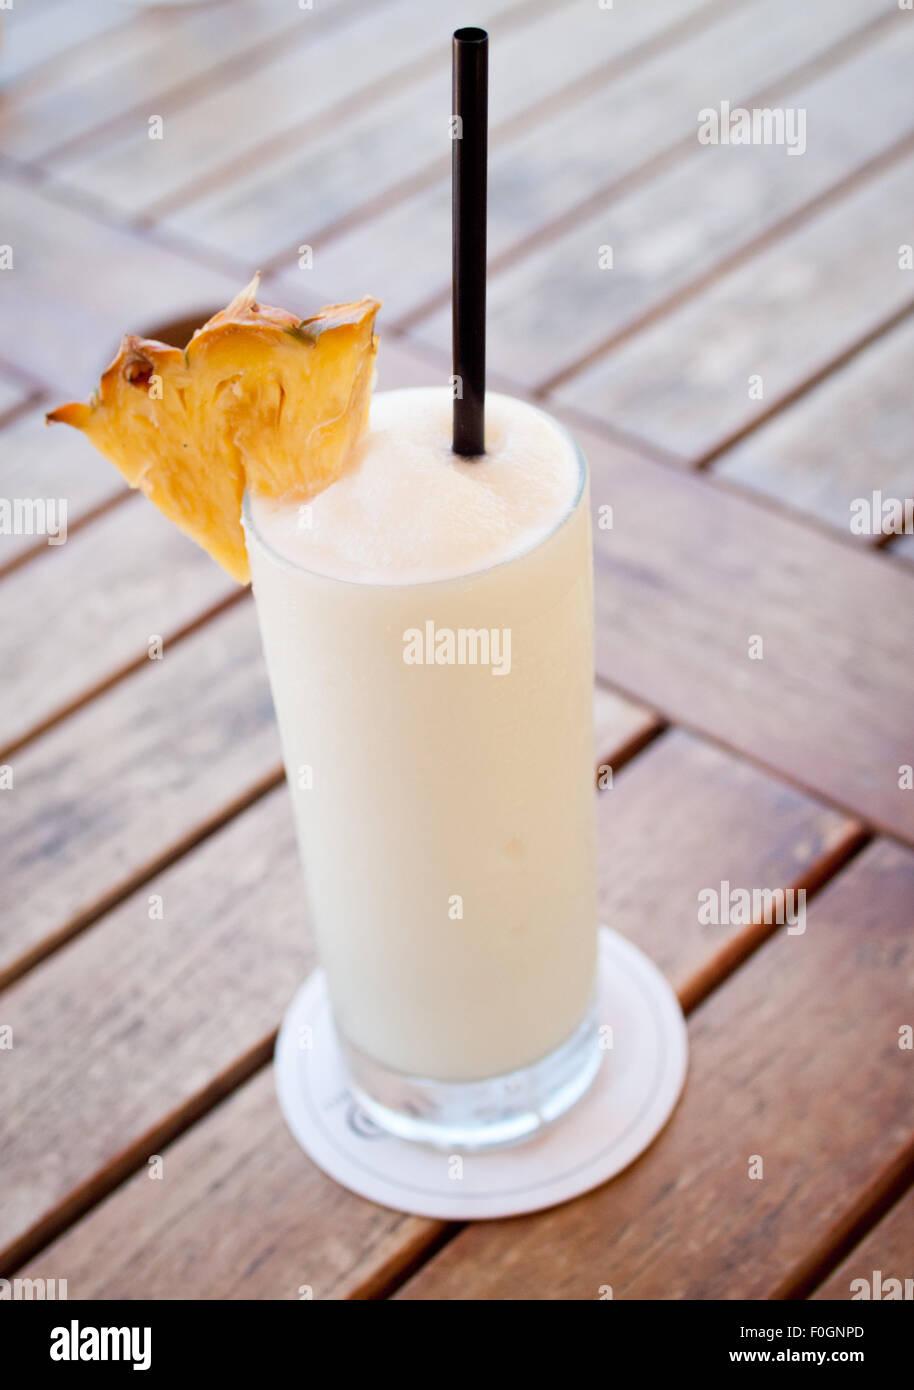 Una piña colada (piña colada) cóctel. Imagen De Stock